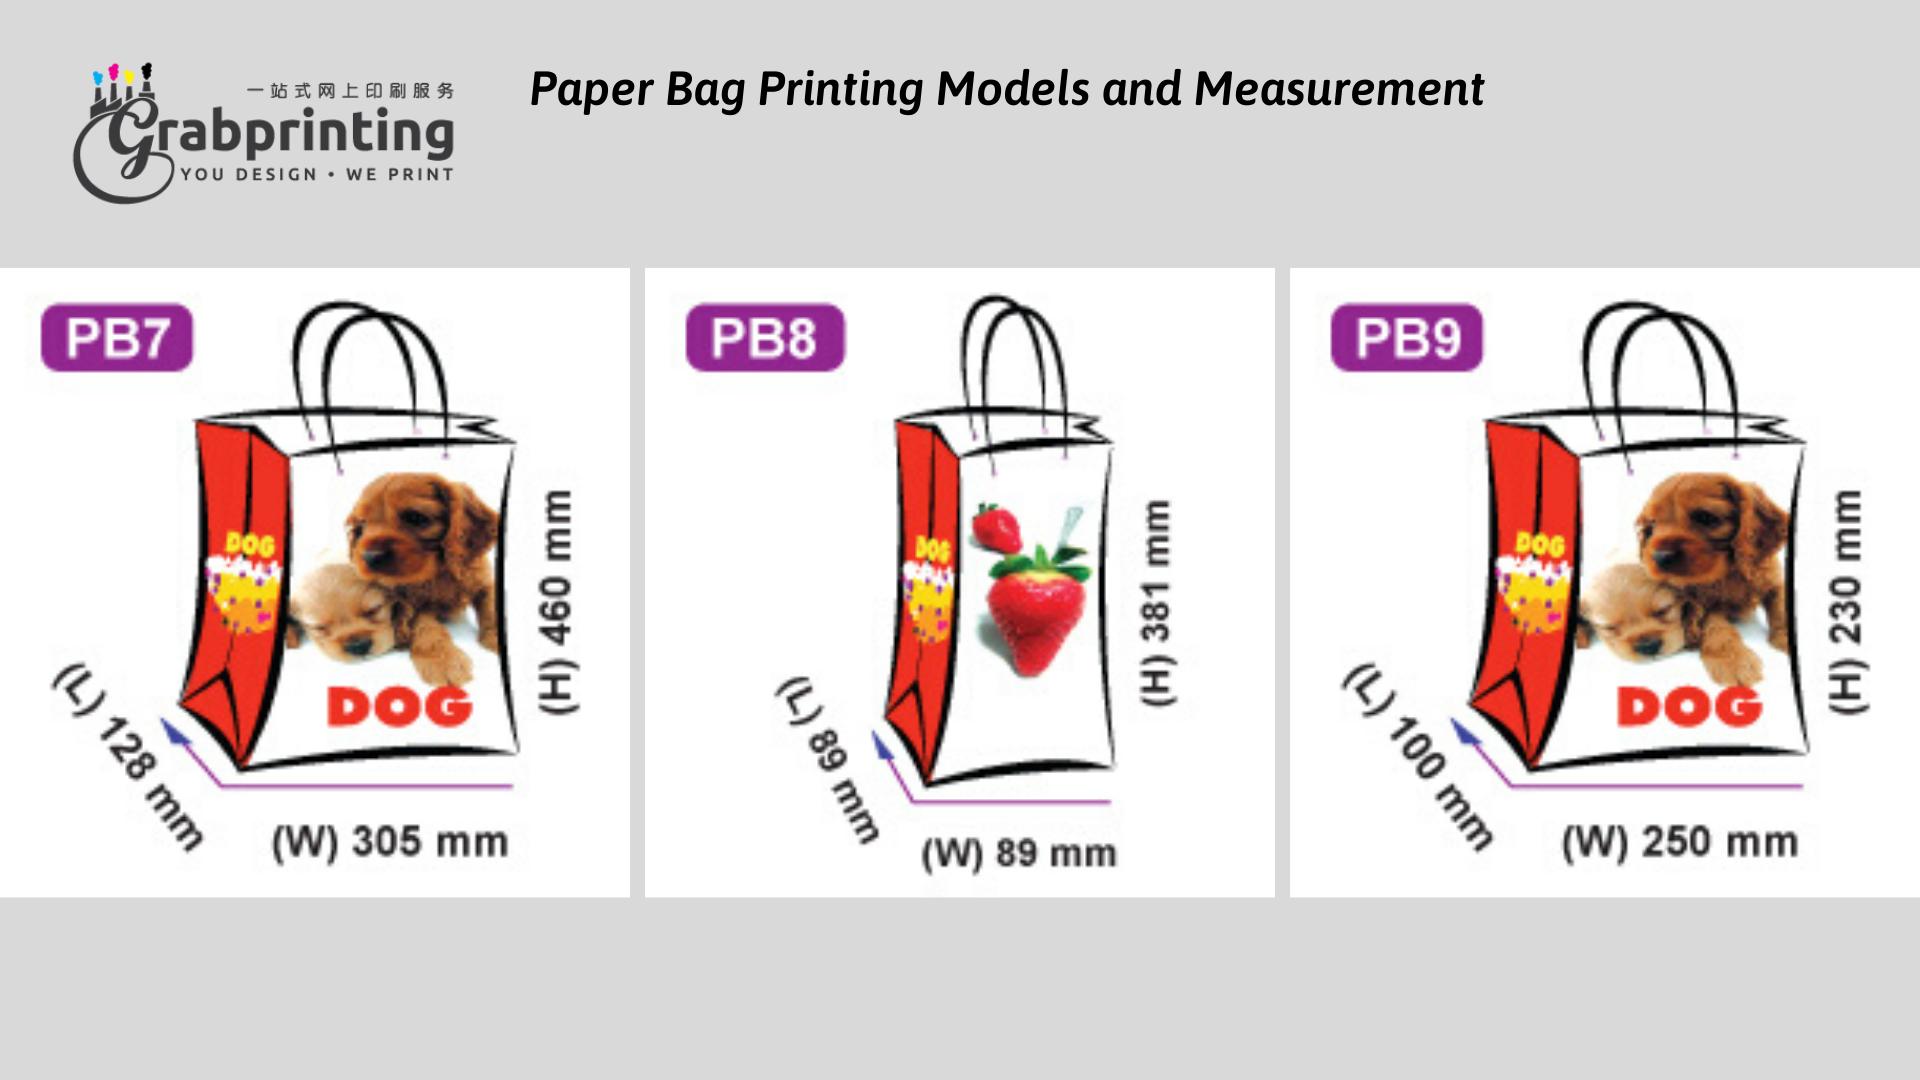 Kraft Paper Bag Printing Paper Bag Printing Models and Measurement 3